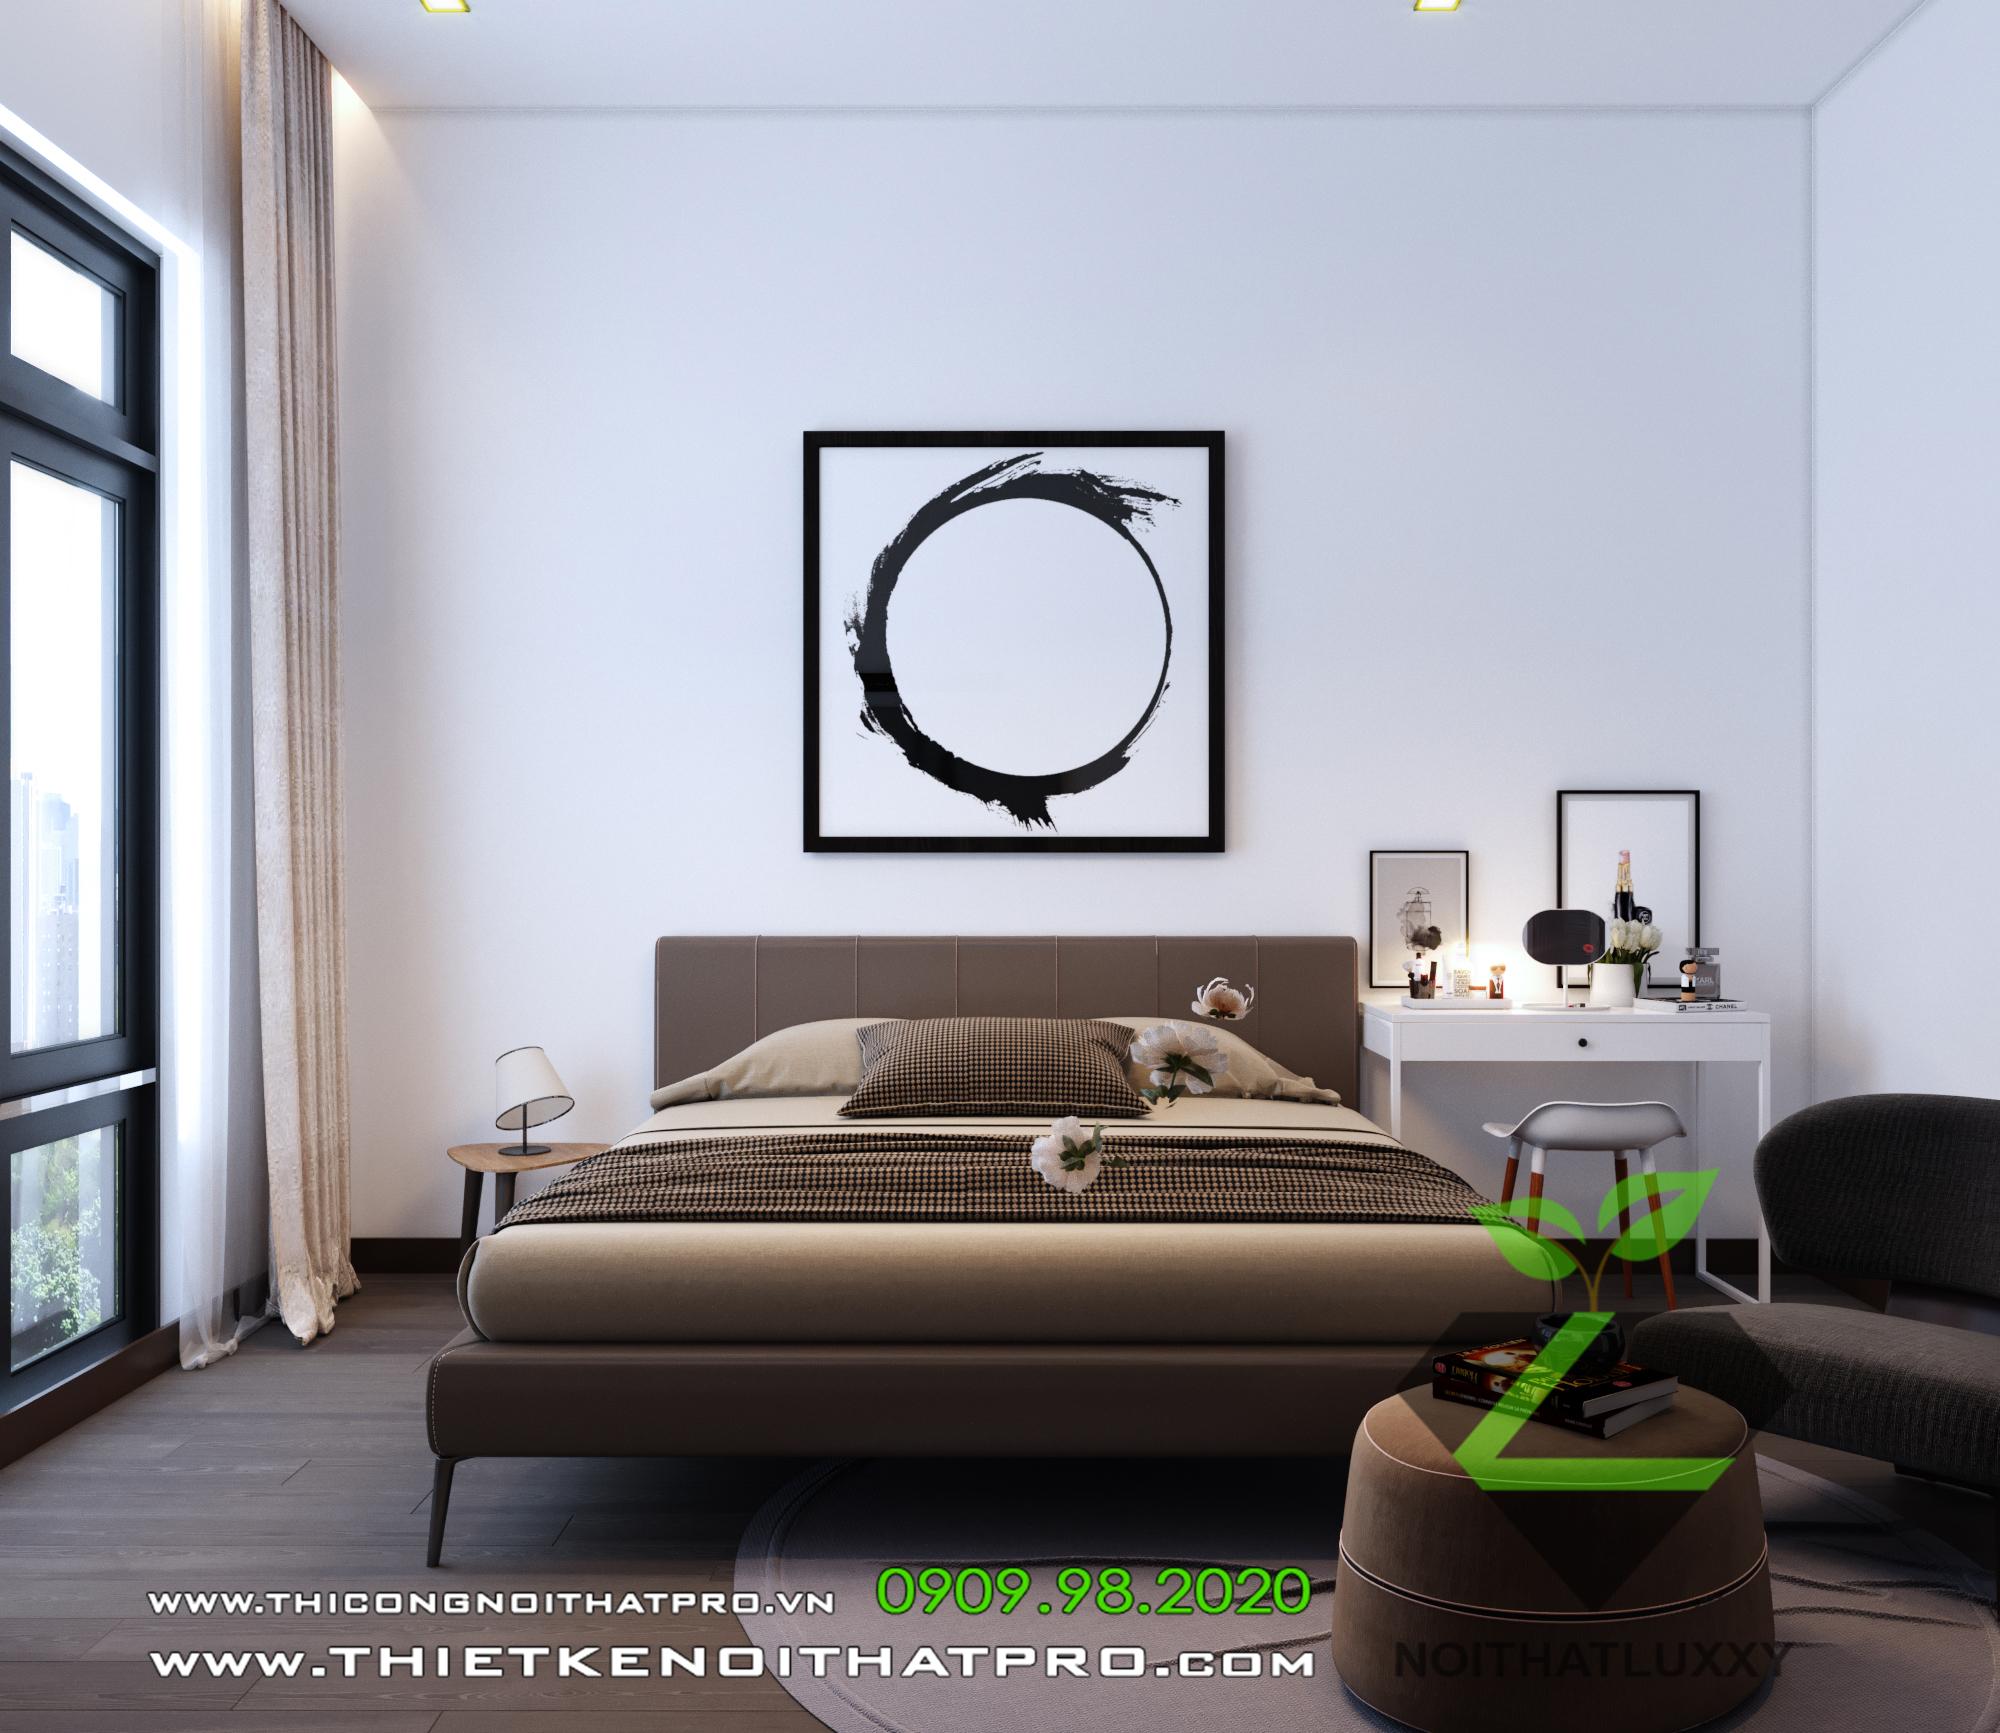 thiết kế Nội thất Biệt Thự 4 tầng Biệt thự Vinhomes - the Harmony1310